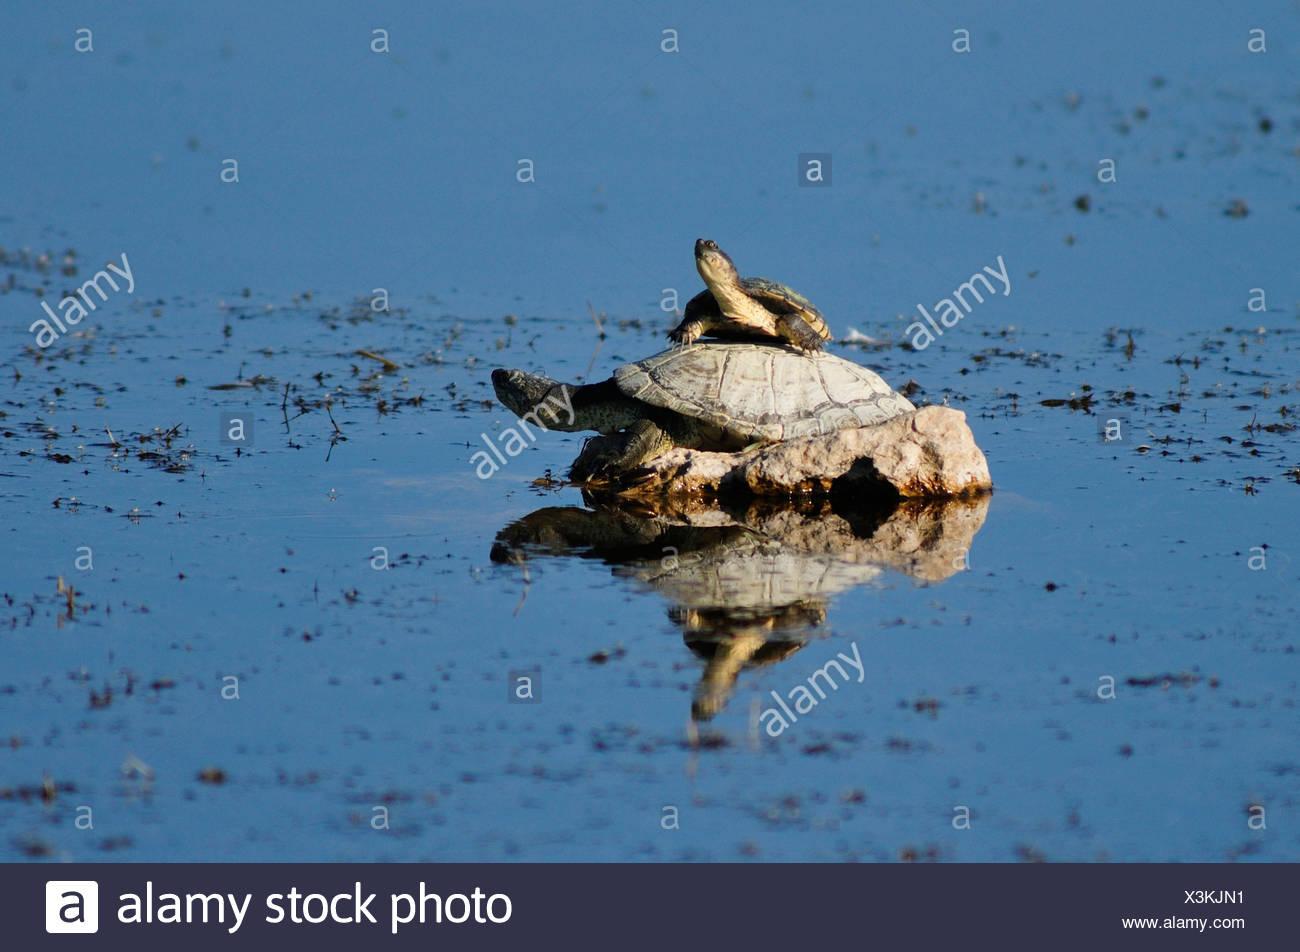 Africa, Etosha, National Park, Namibia, african, animal, horizontal, turtle, animal, tortoise, turtle - Stock Image